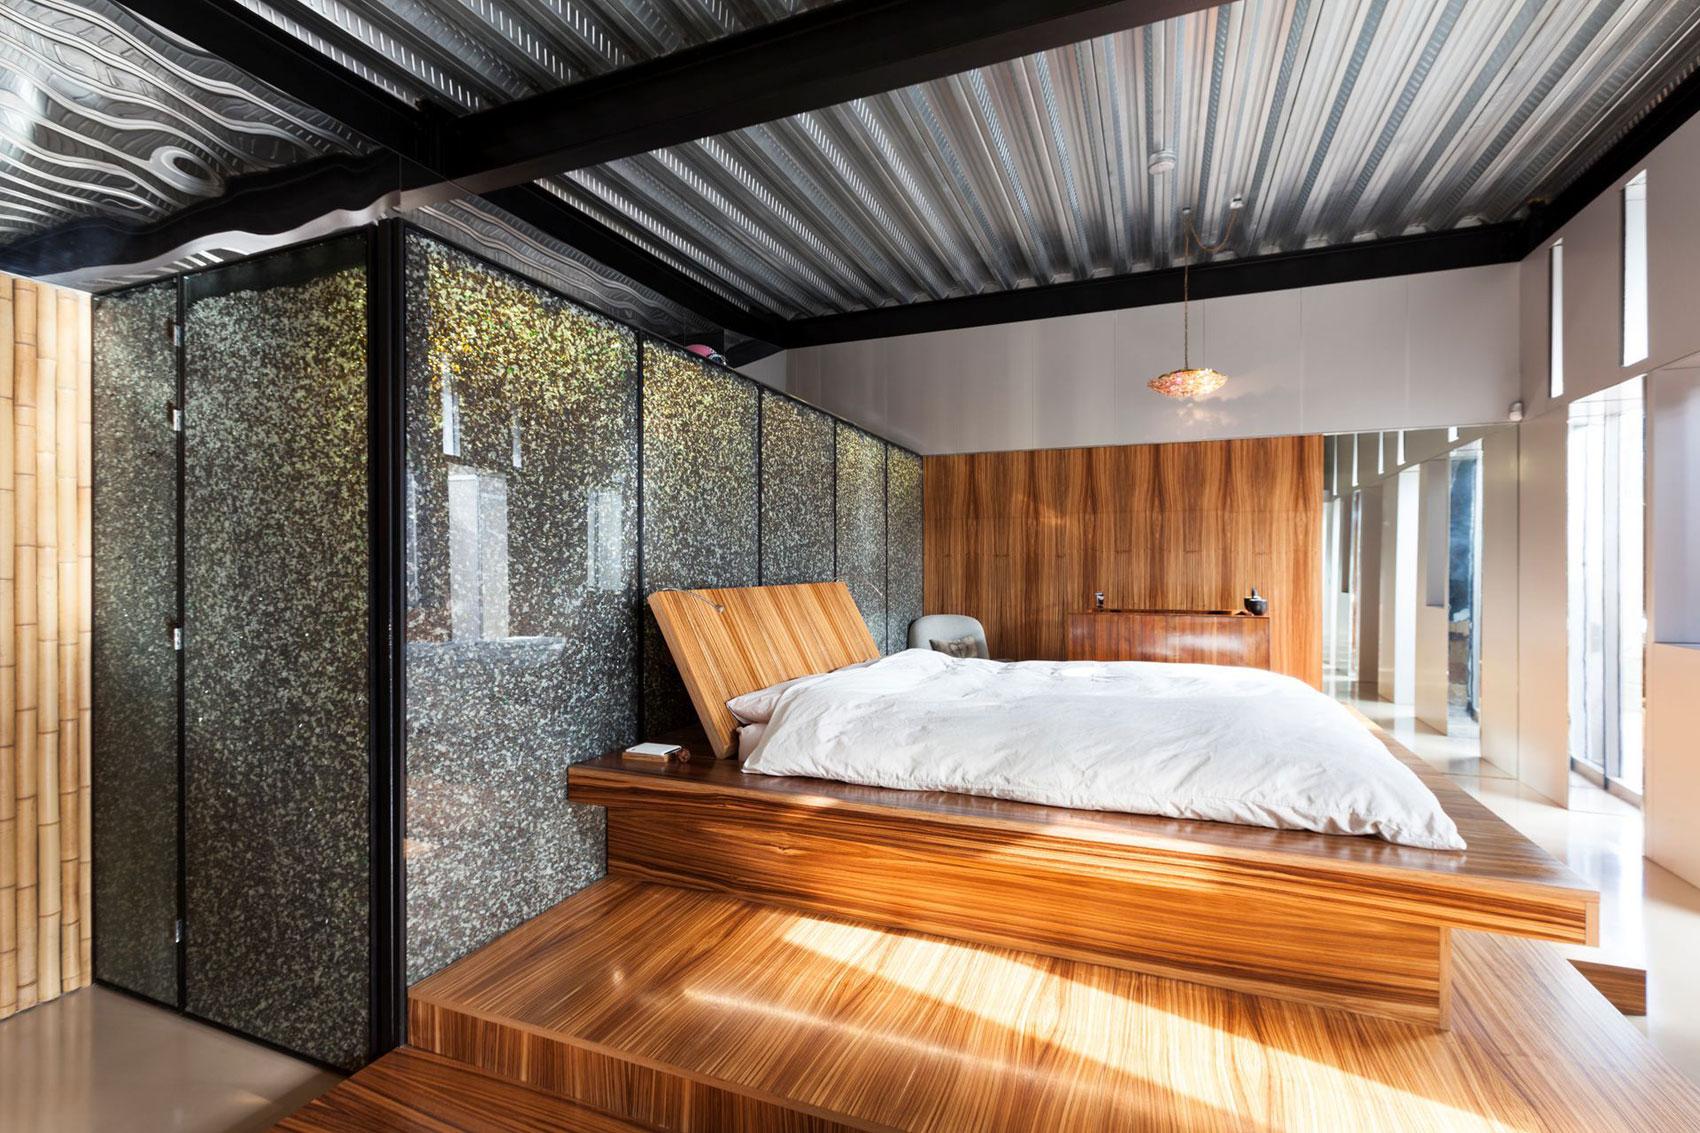 Silverlight Home in West London by Adjaye Associates-14